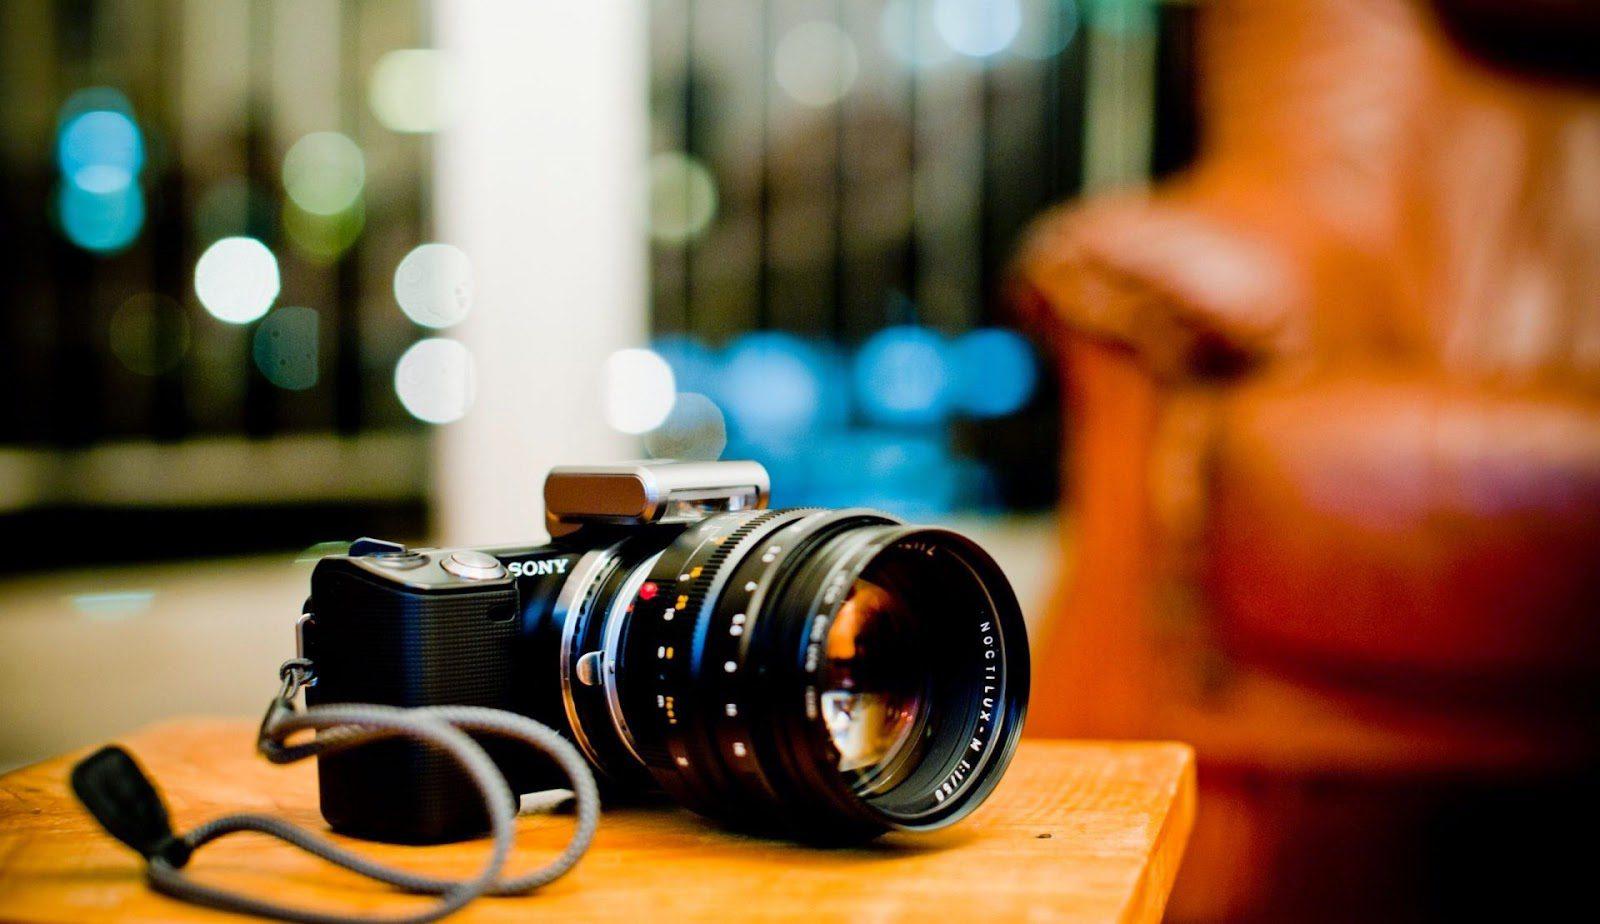 TJSC confirma indenização para fotógrafo que teve imagens utilizadas sem autorização